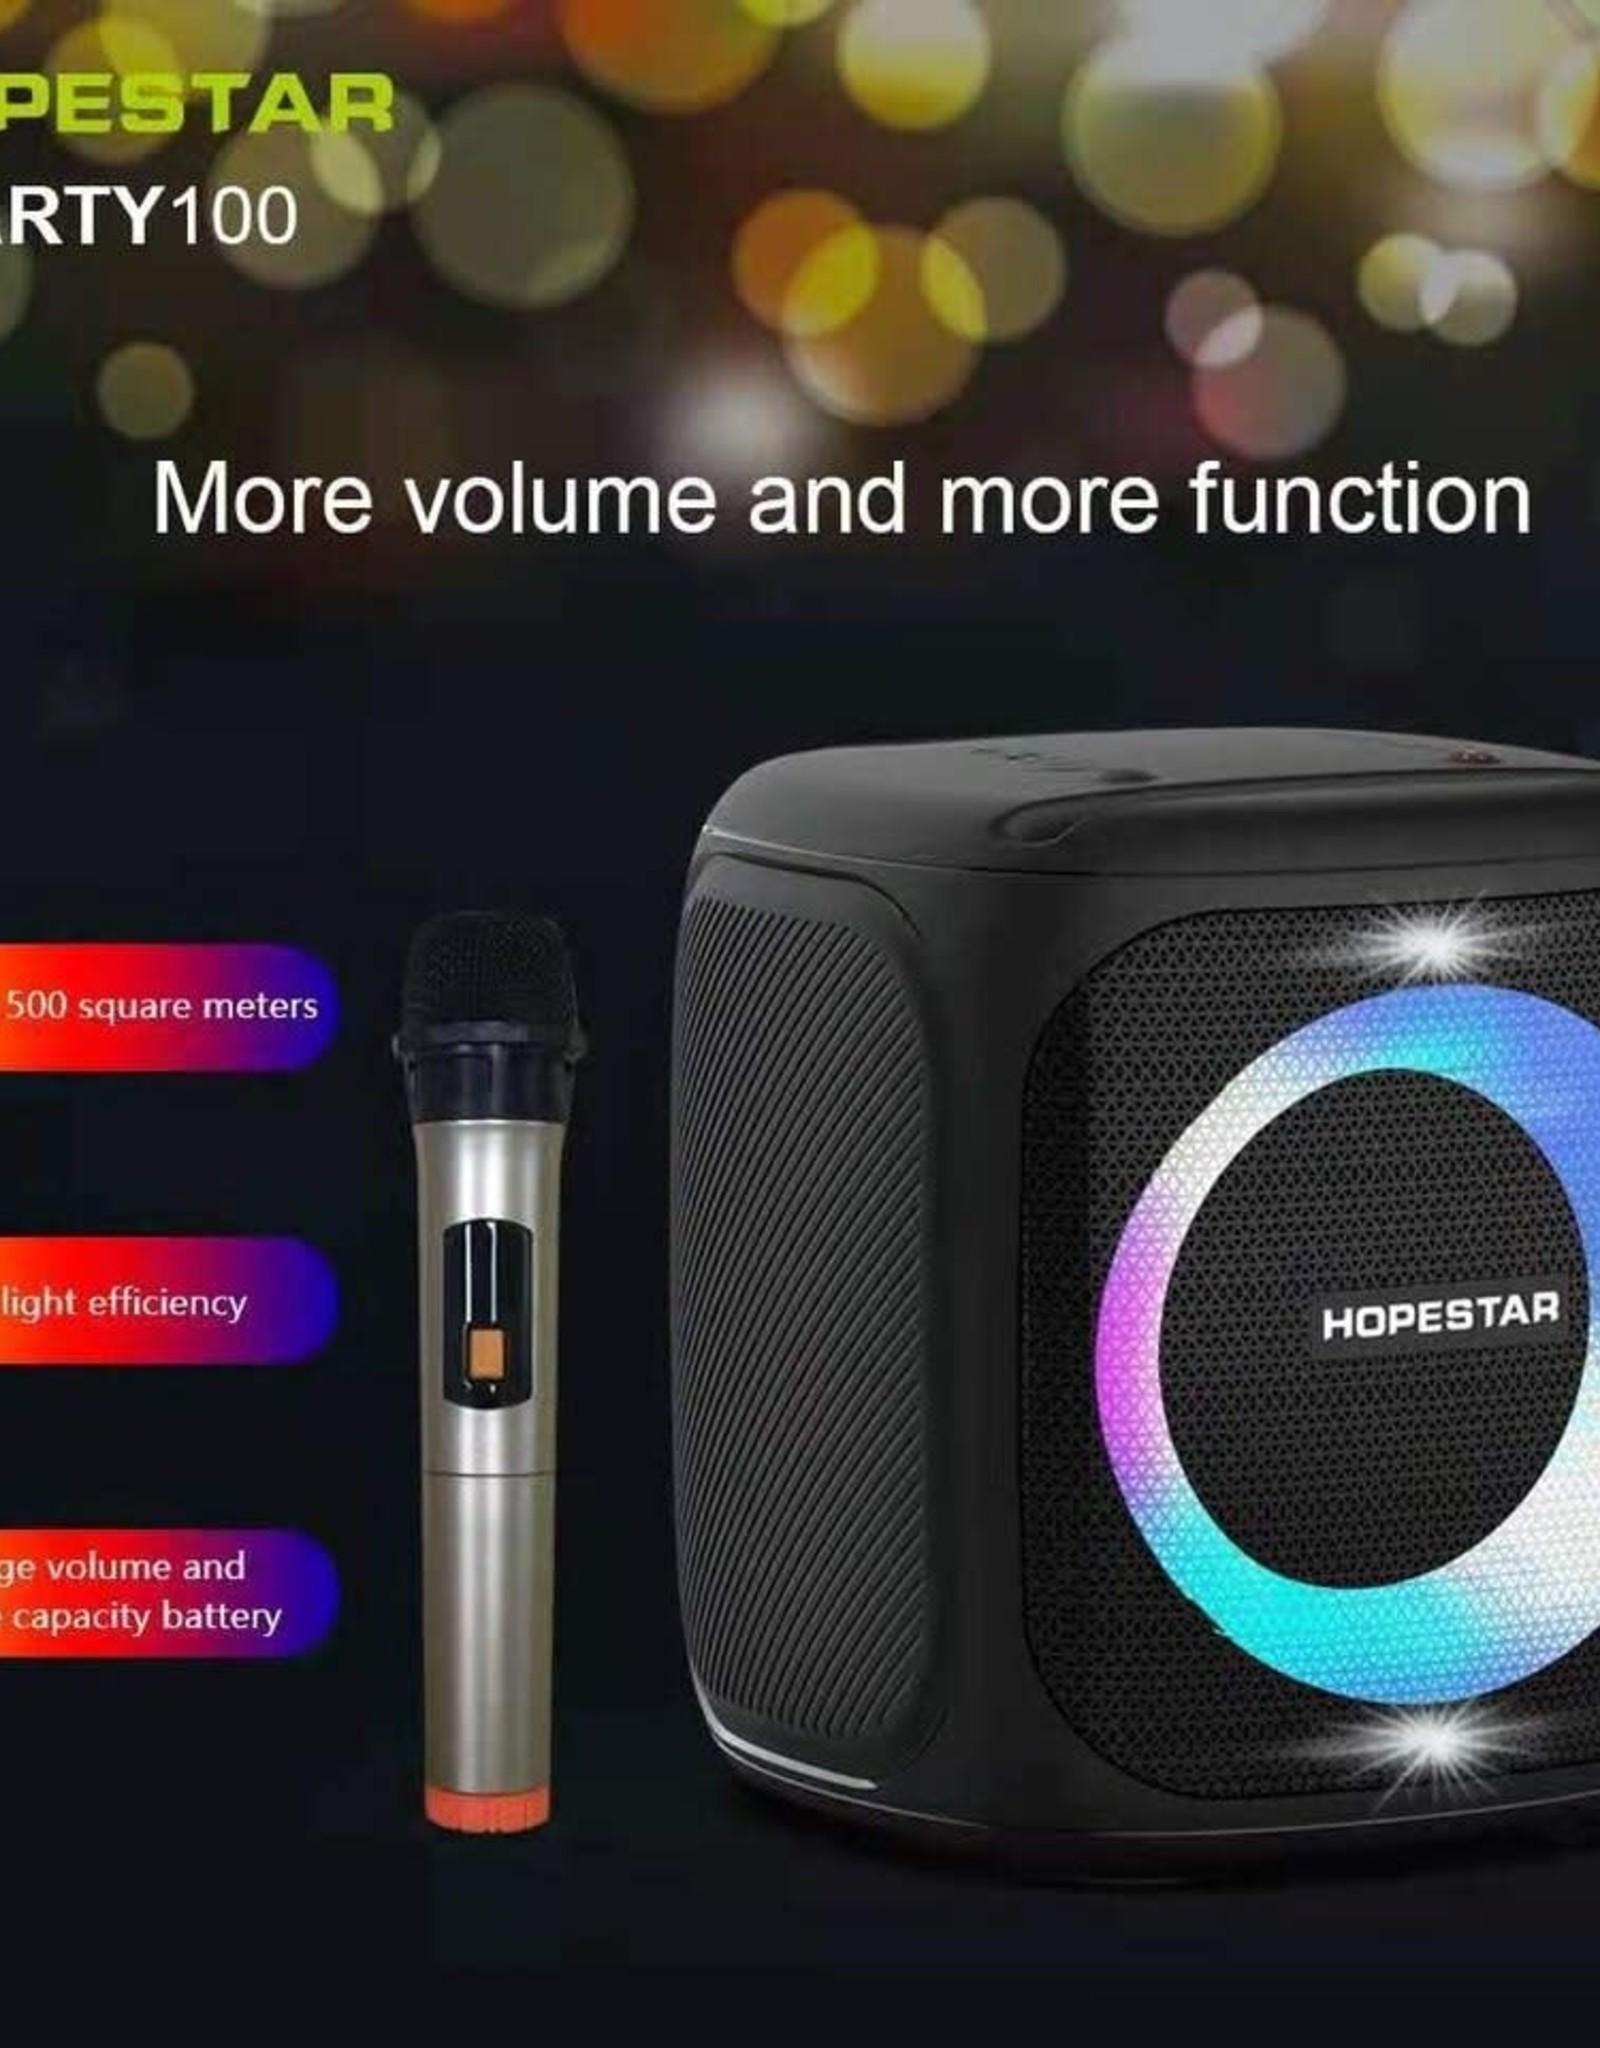 HopeStar HOPESTAR Party 100  Speaker